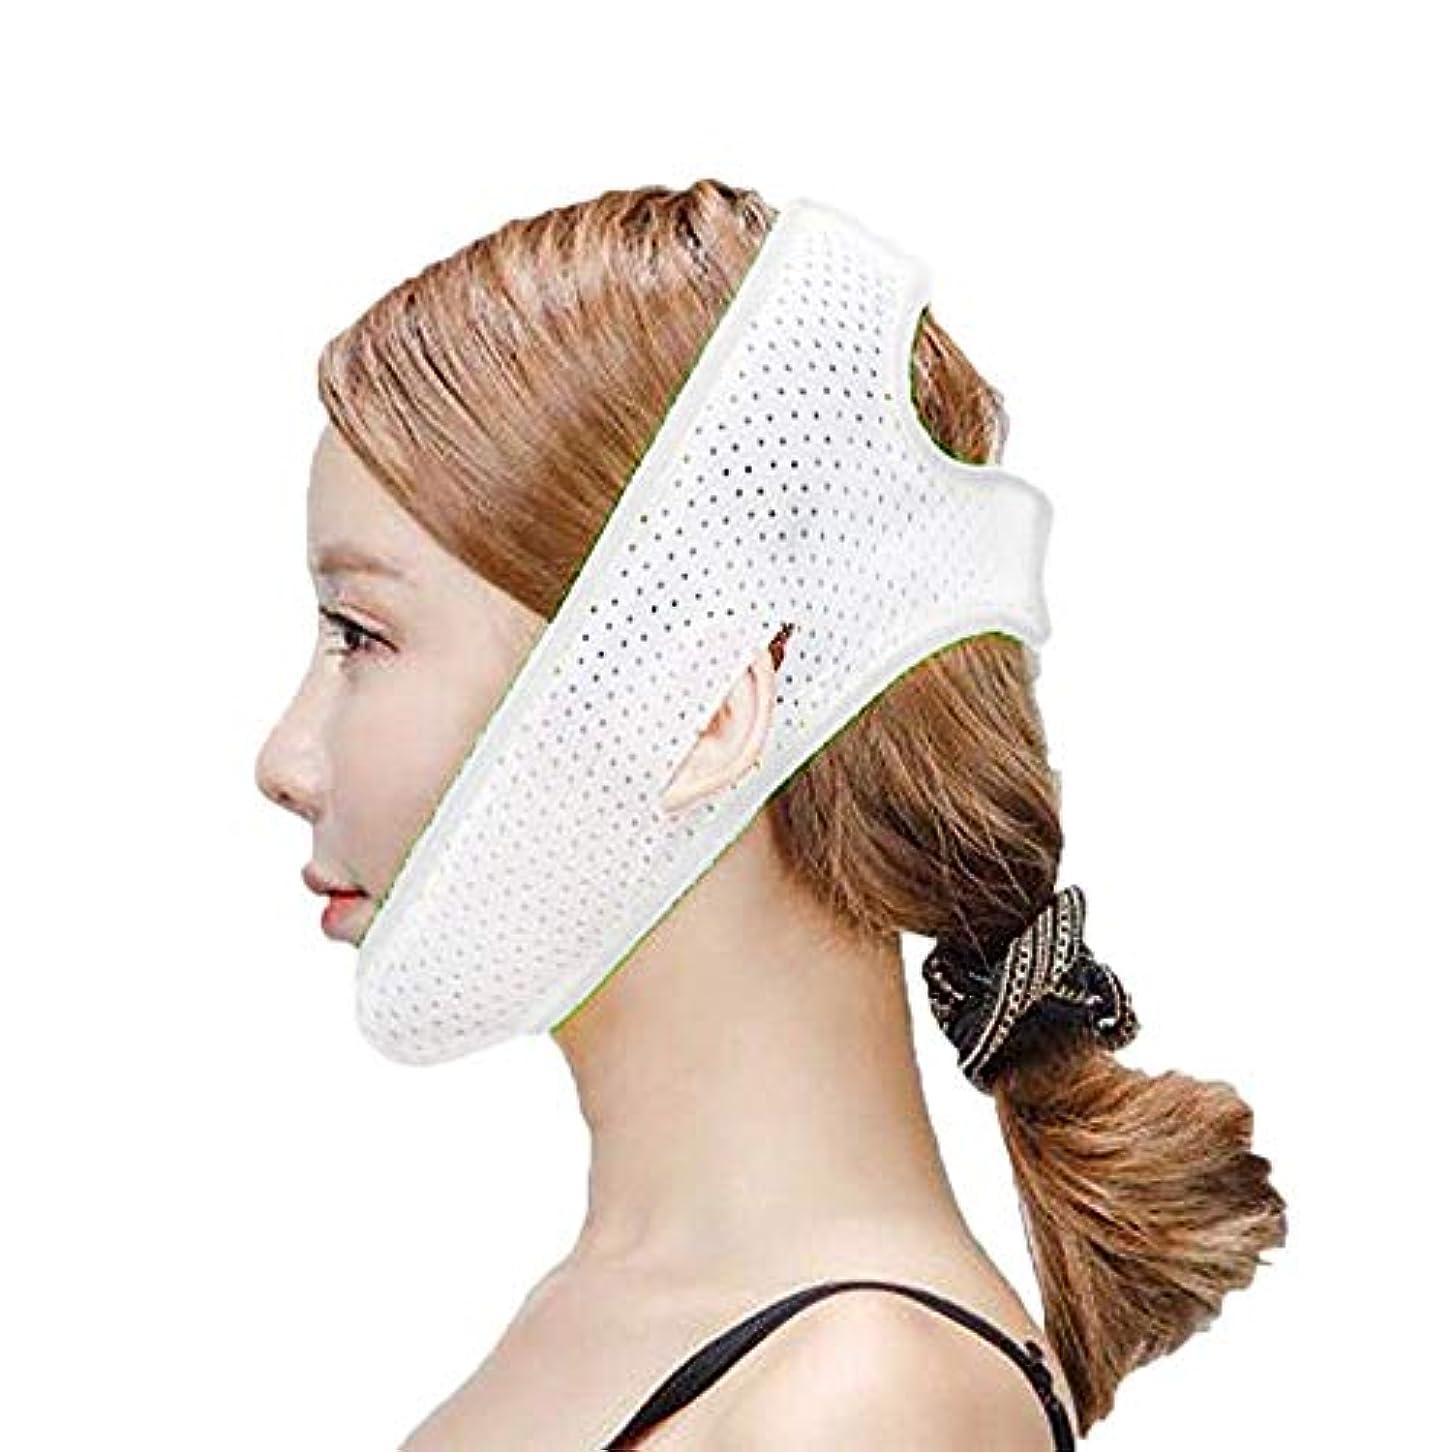 知覚香り伝導フェイスリフトマスク、ダブルチンストラップ、フェイシャル減量マスク、フェイシャルダブルチンケアスリミングマスク、リンクルマスク(フリーサイズ)(カラー:ブラック),白